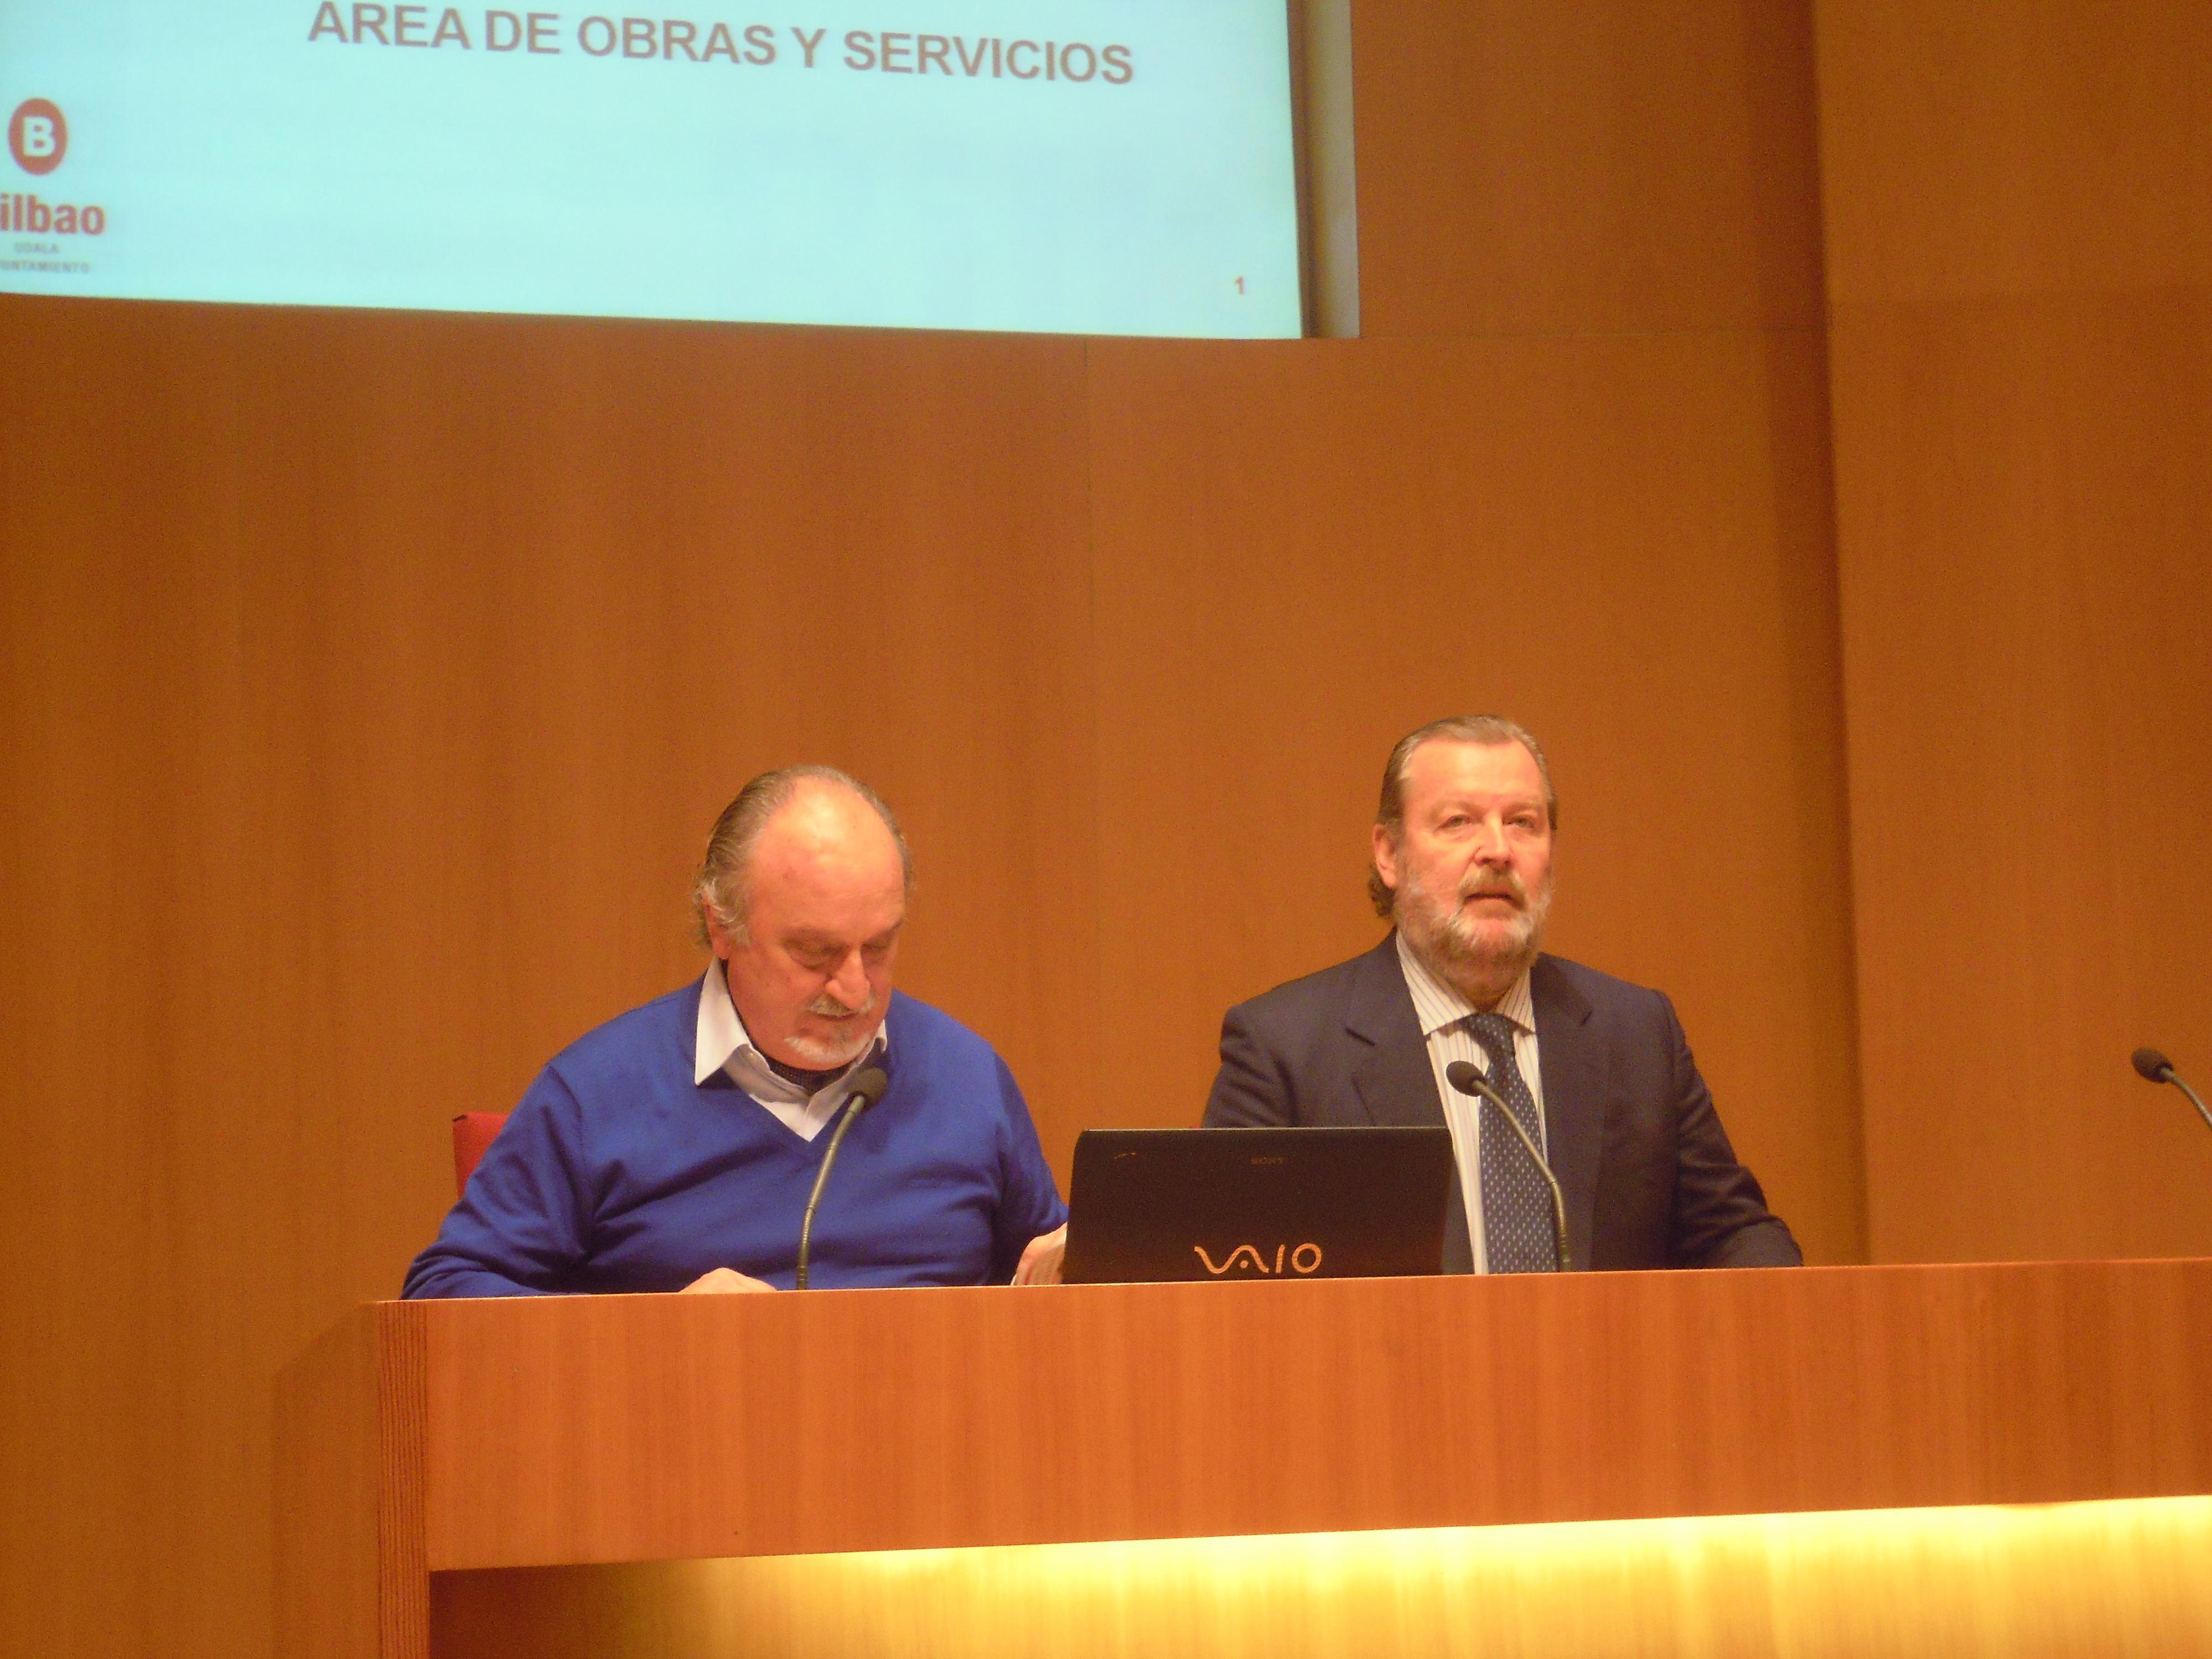 Bilbao invertirá 3 millones de euros hasta 2015 en los barrios de Uribarri, Zurbaranbarri, Andramari y Asunción